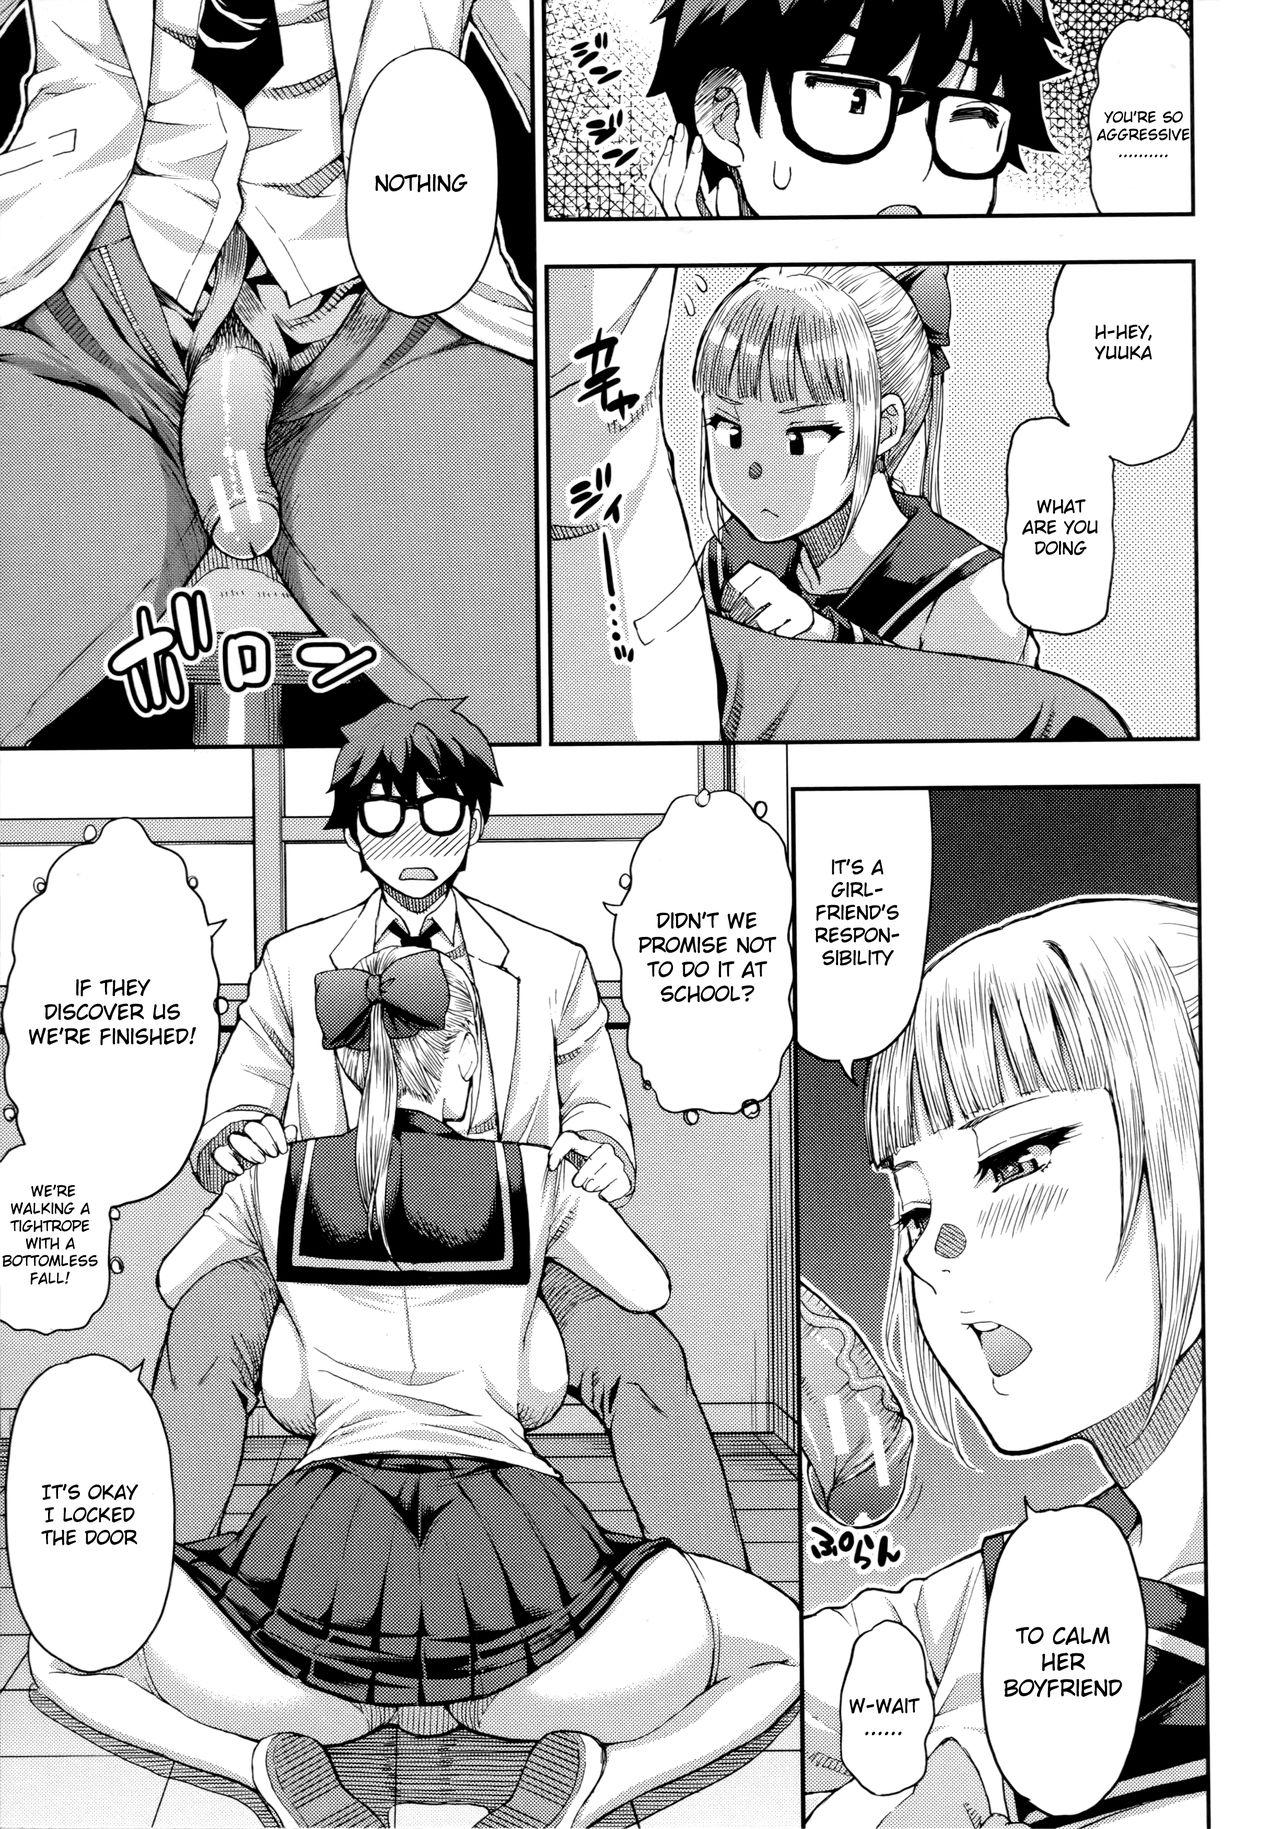 [Shunjou Shuusuke] Onegai, Sukoshi Yasumasete... ~Karada Torokeru Sex no Ato ni~ Ch. 2, 4 [English] [Raknnkarscans] 51